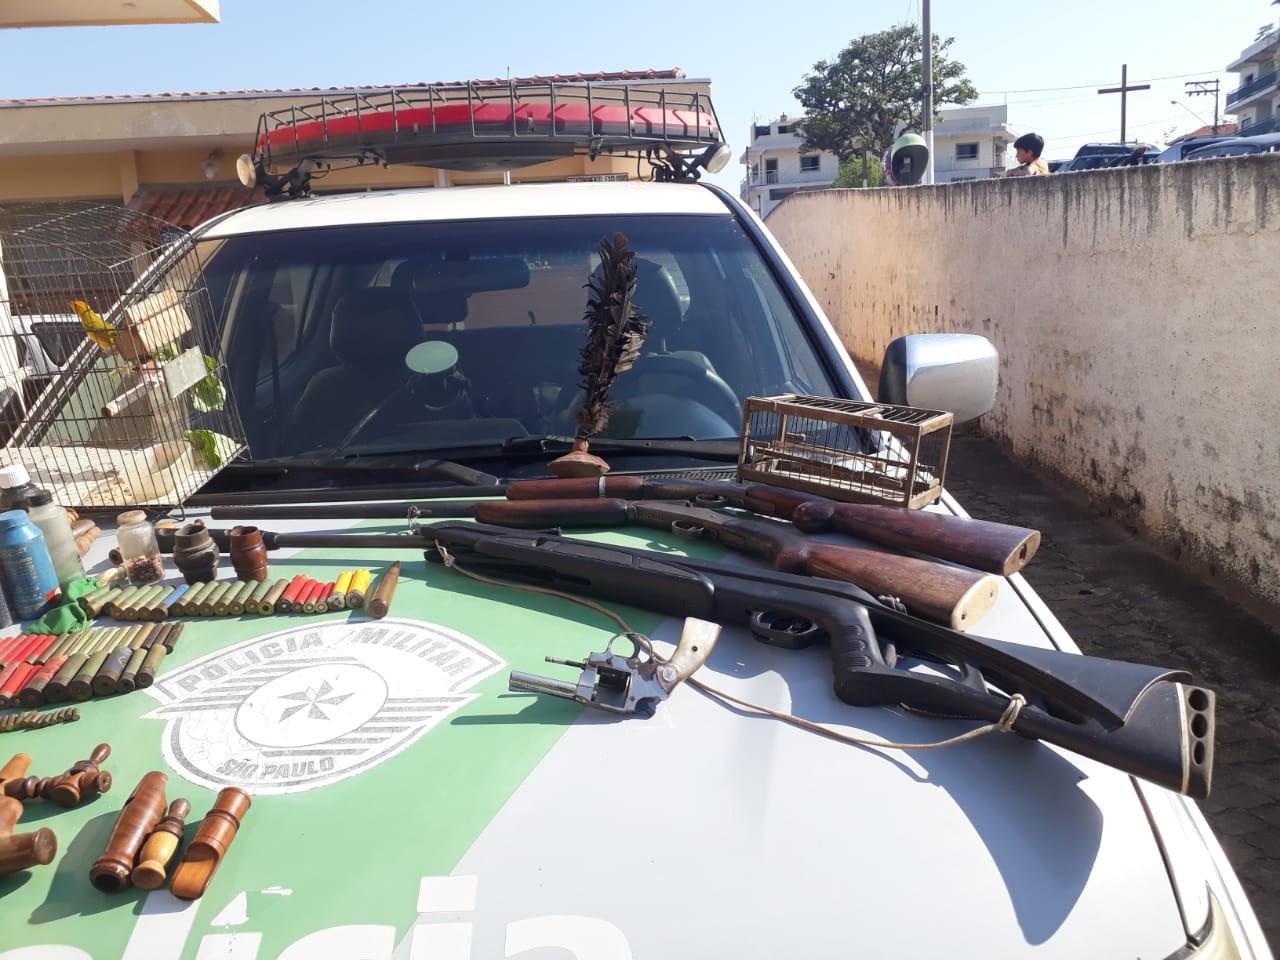 Homem é detido com armas, munições e ave em cativeiro em Cunha - Notícias - Plantão Diário